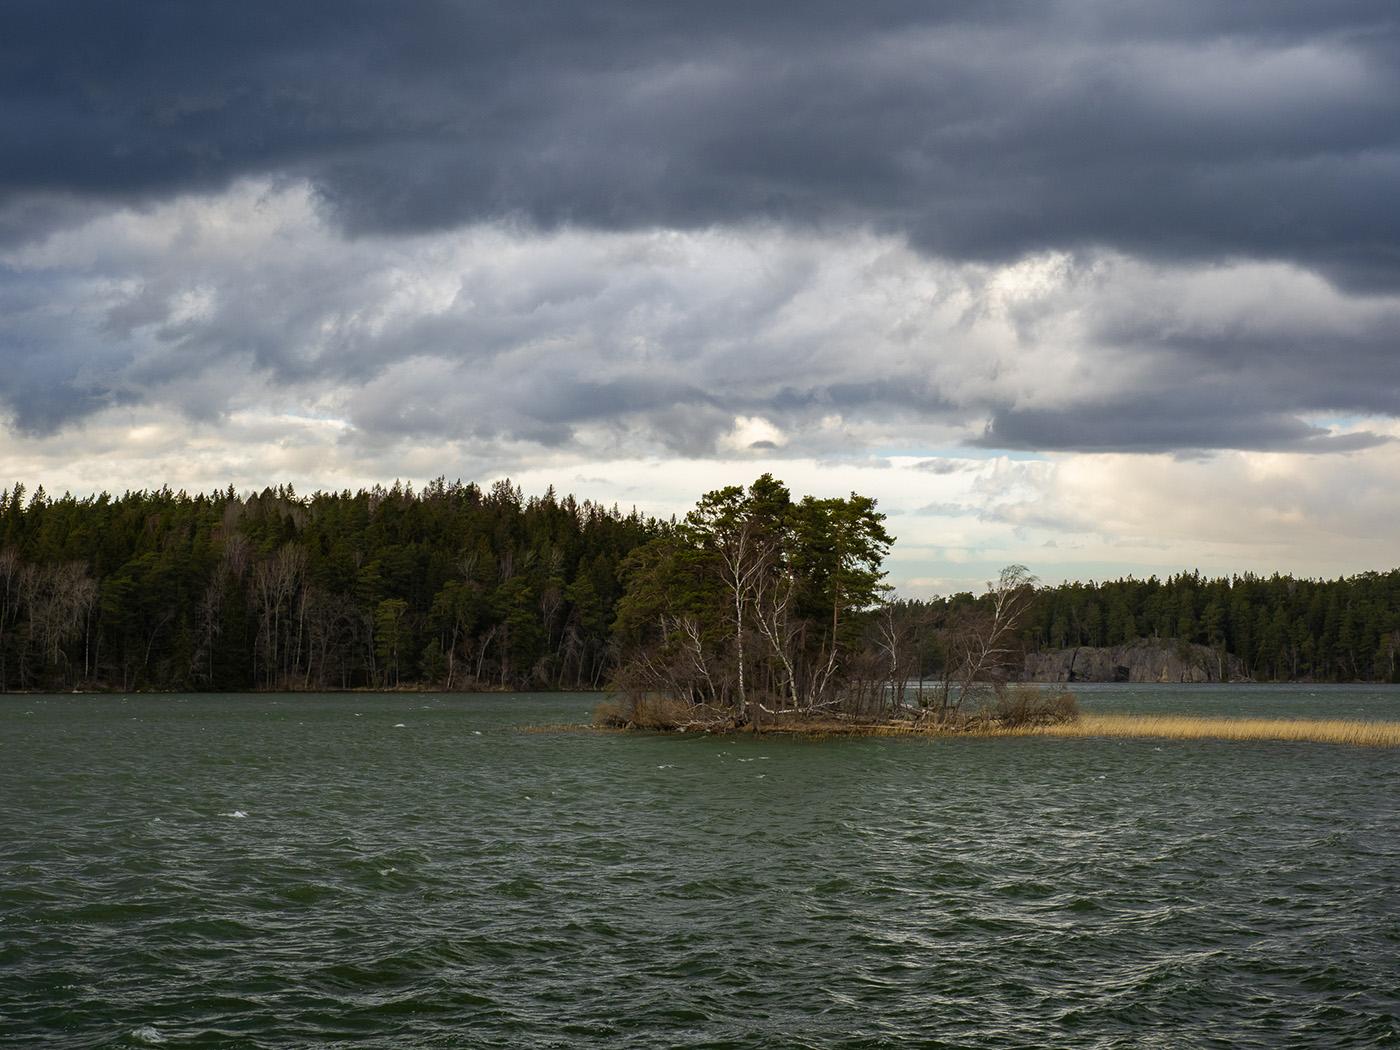 Природный парк Bornsjön (Bornsjöns naturreservat). Автор фото: Сутормина Марина